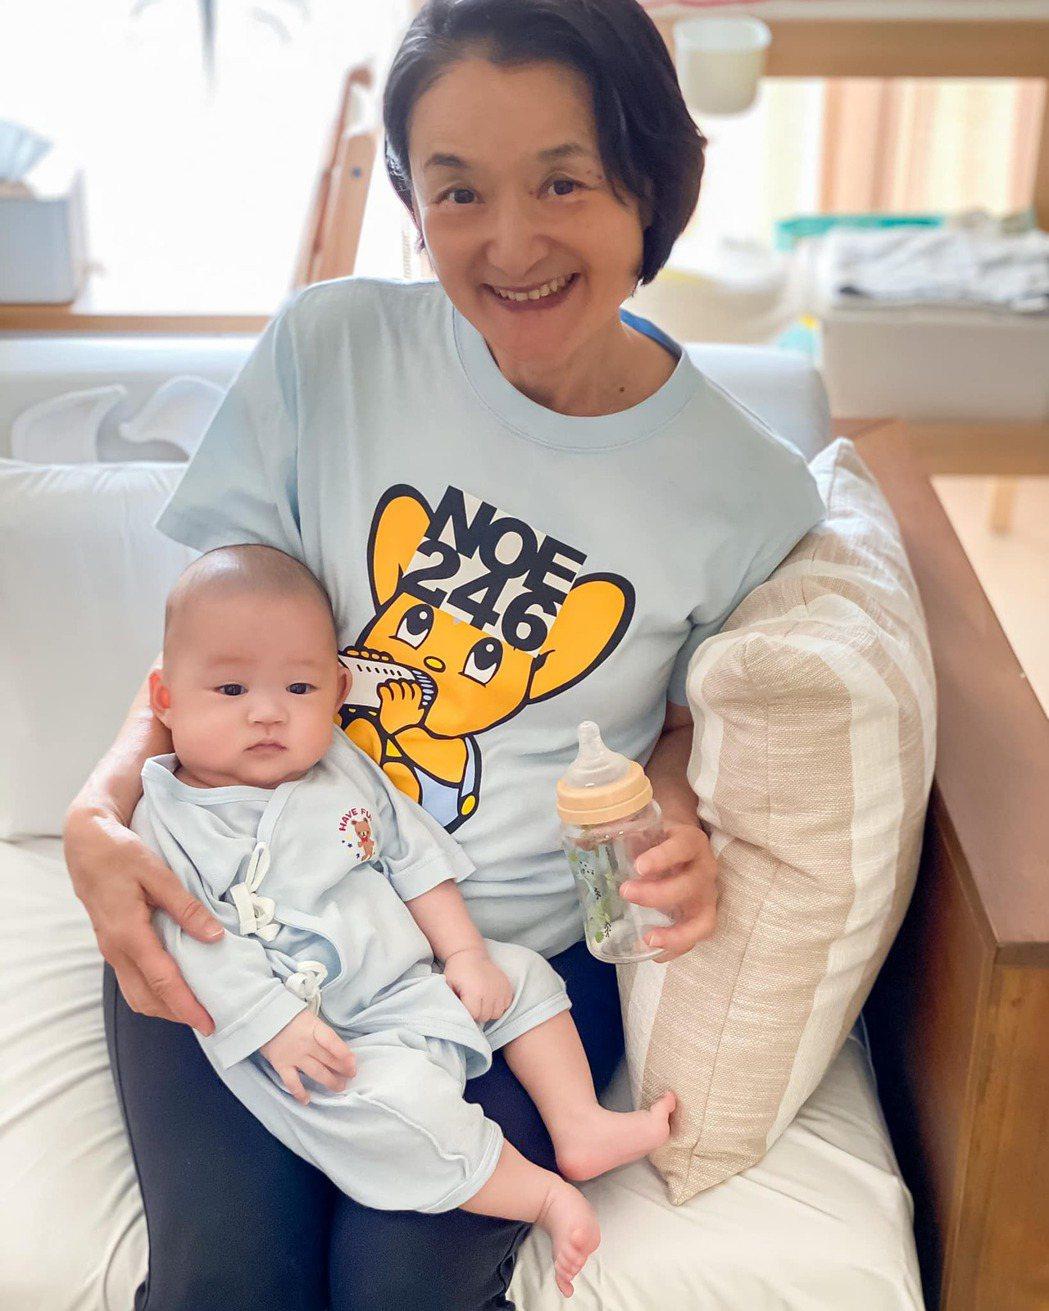 媽媽譚艾珍每天都幫忙照顧兒子。 圖/擷自歐陽靖臉書